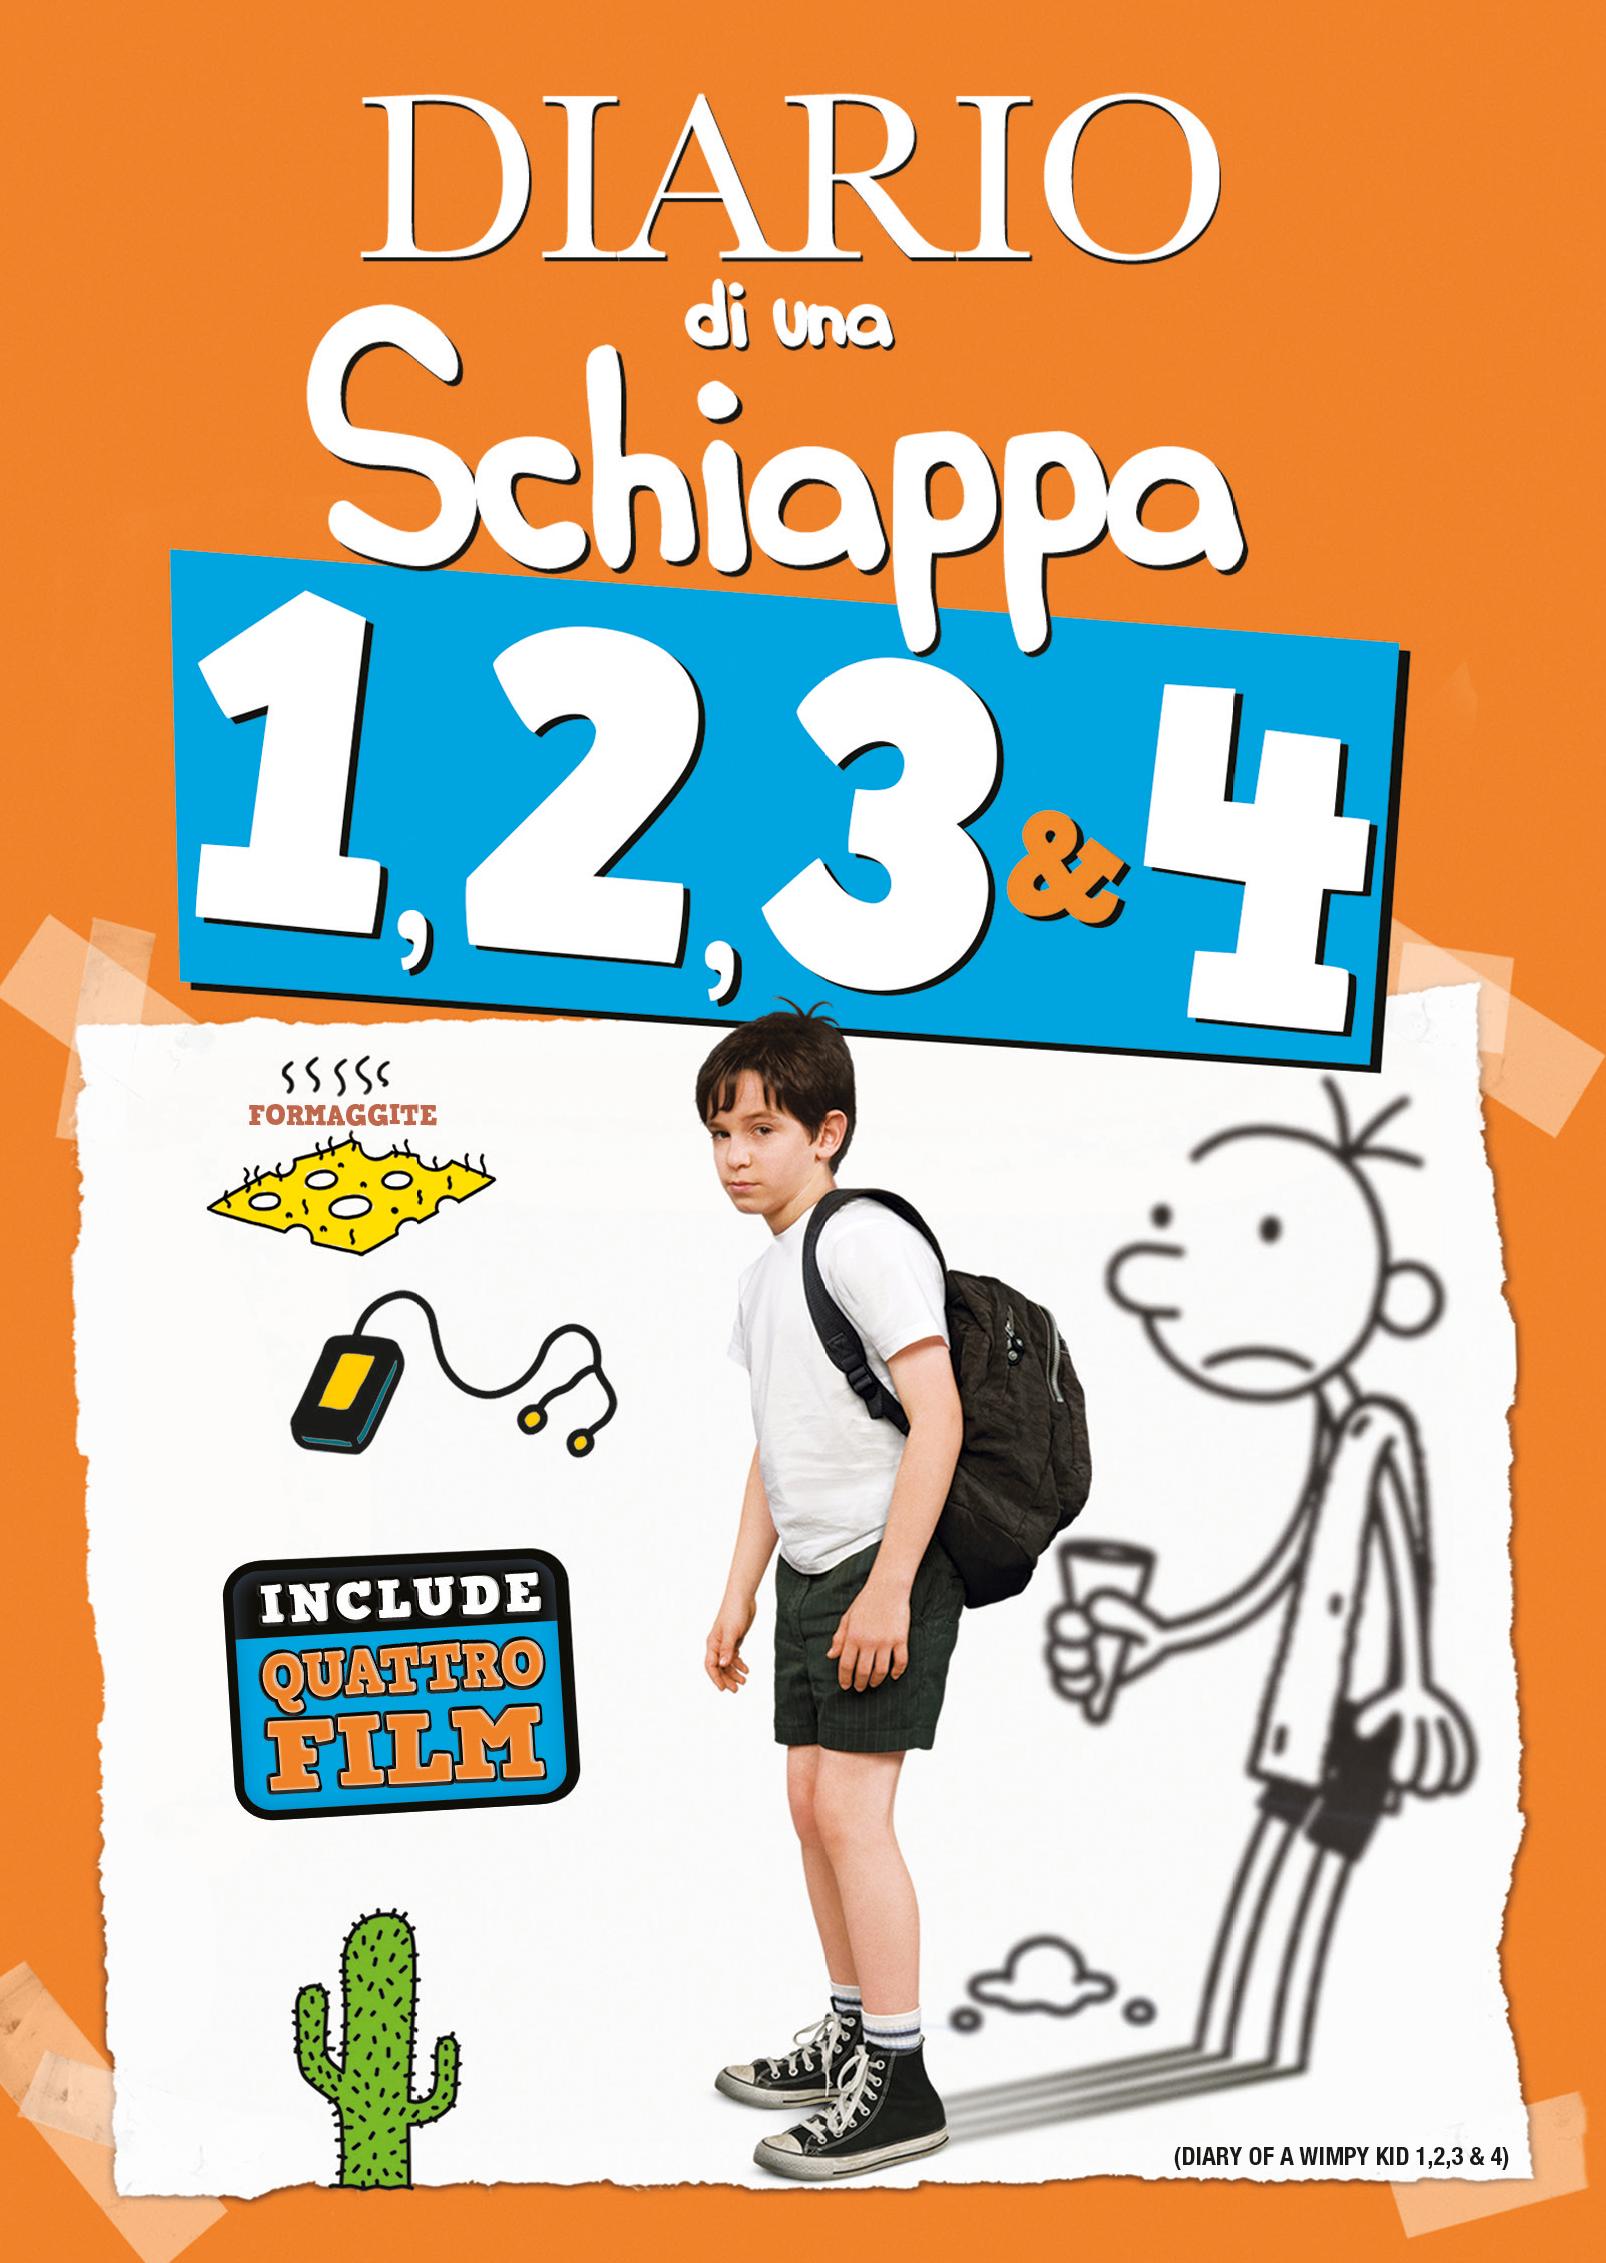 Diario di una Schiappa 1-4_Feltrinelli Ret excl_DVD_2D